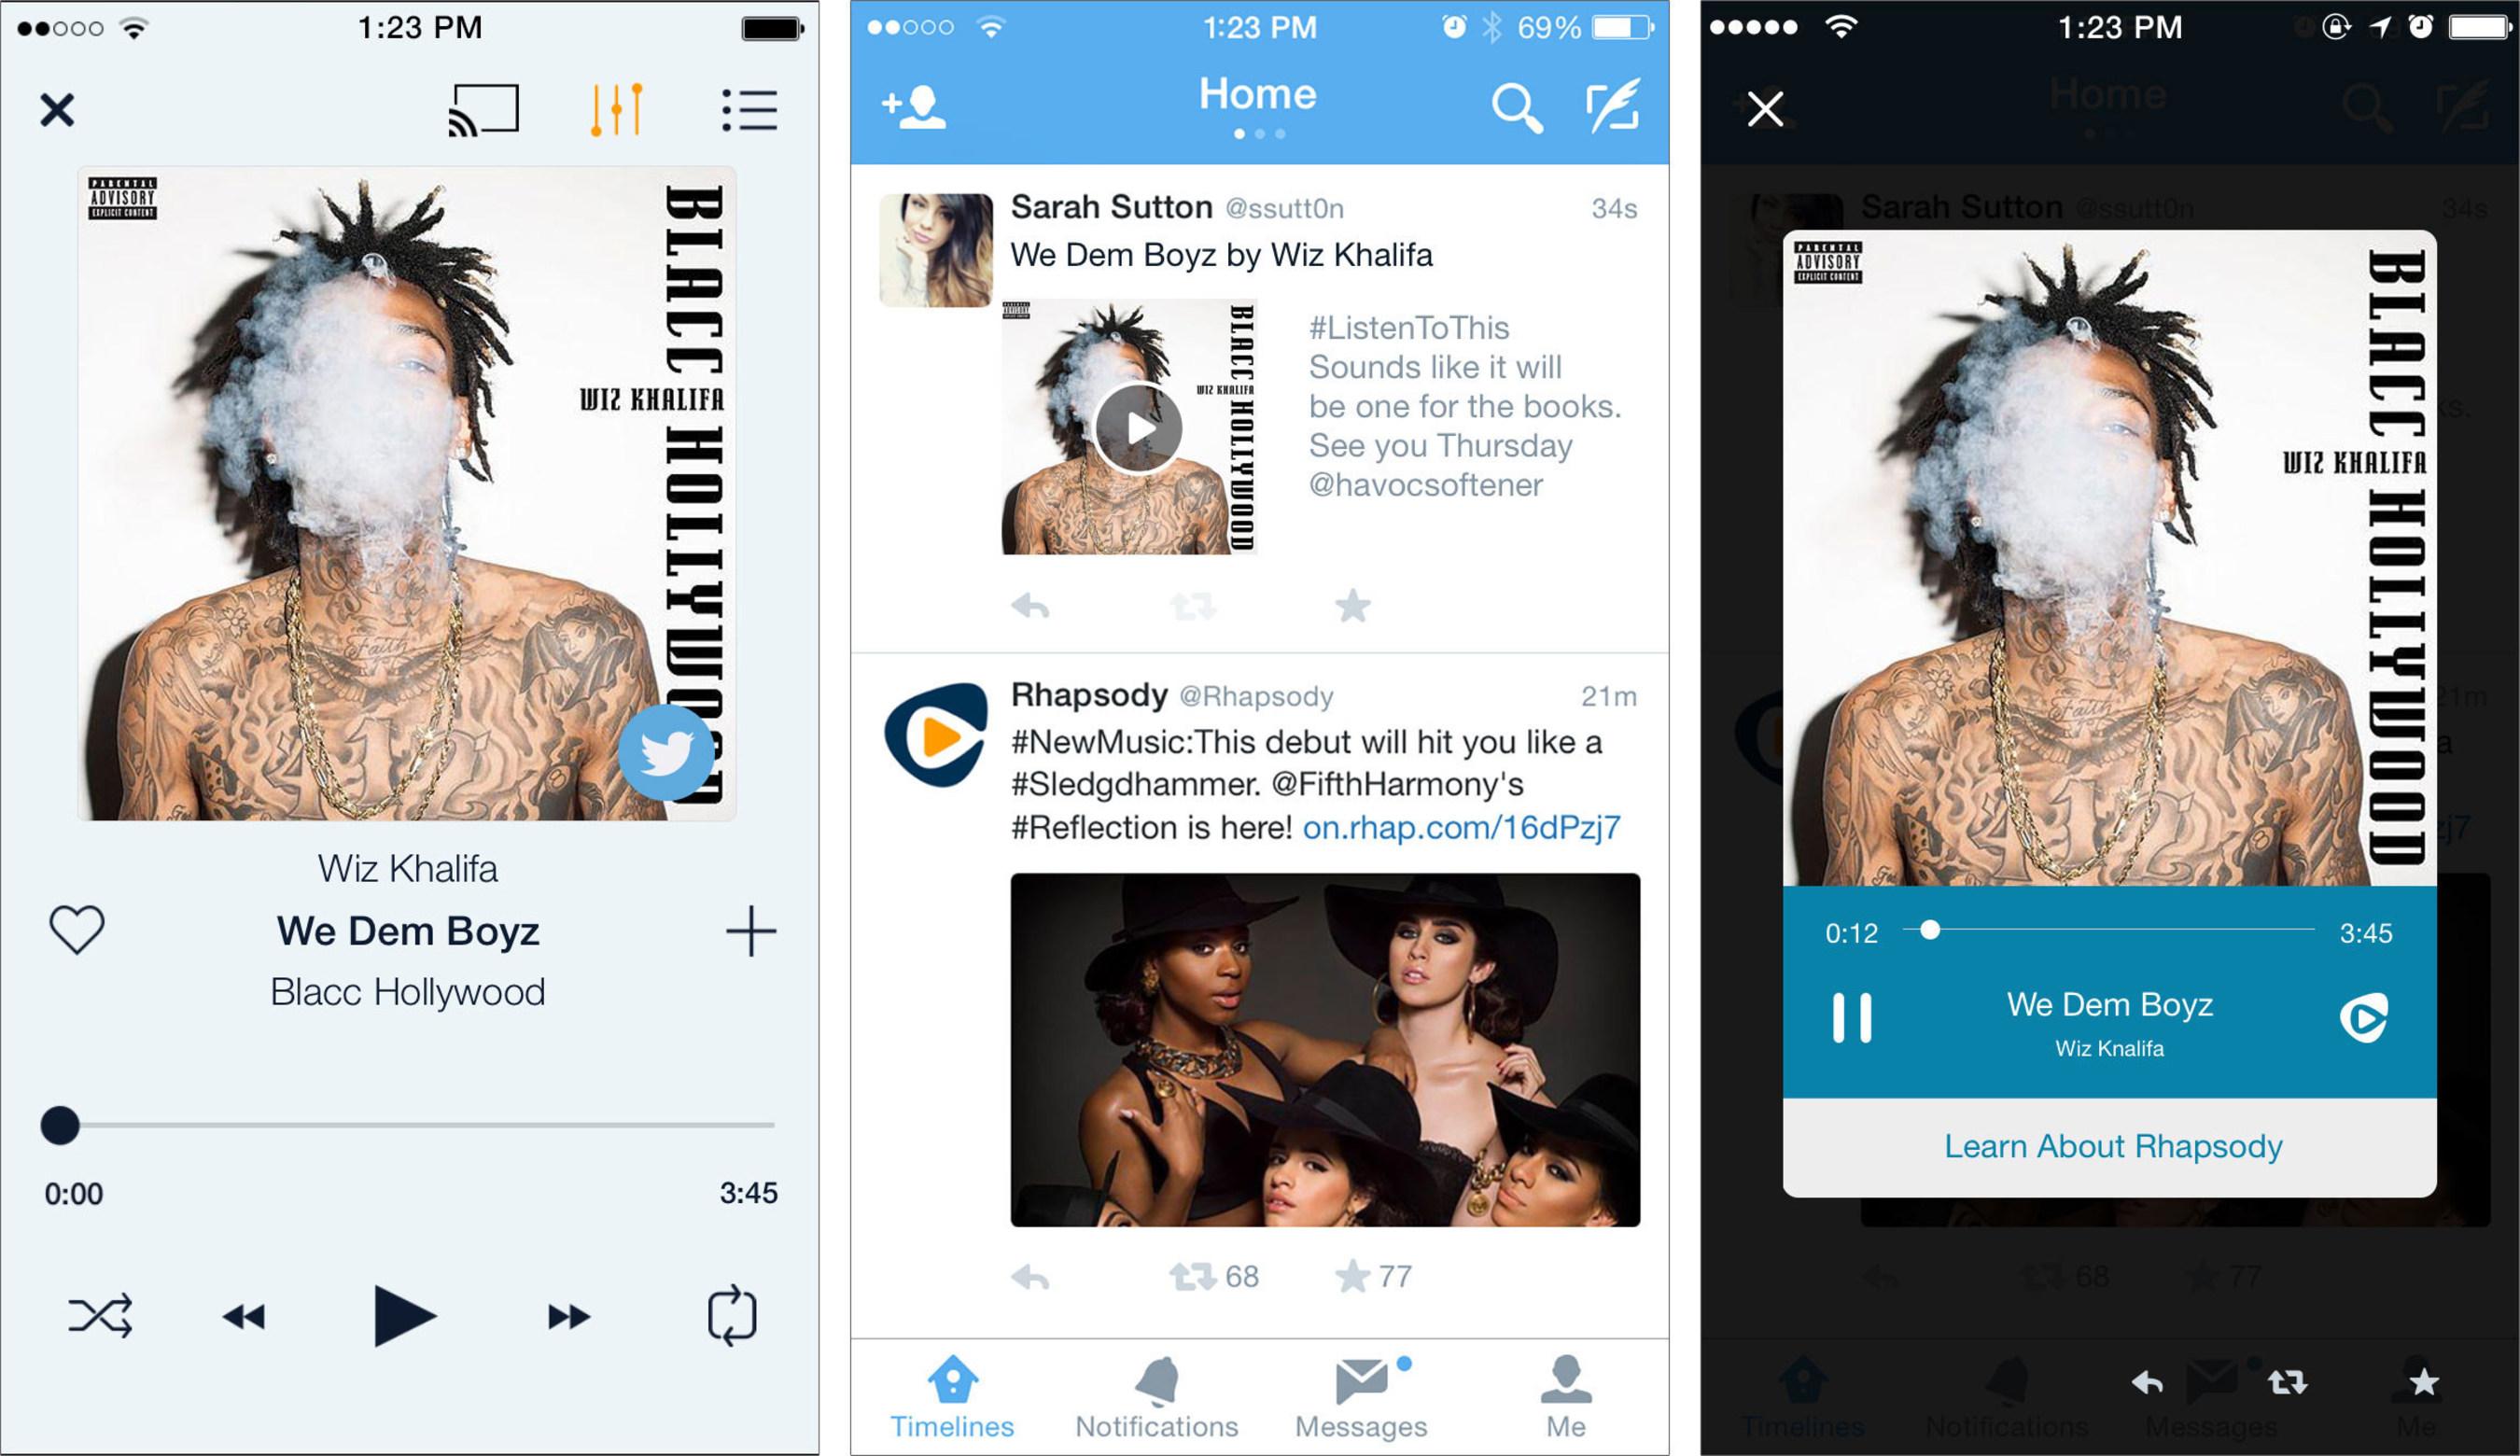 Rhapsody Brings Millions of Licensed Songs to Twitter